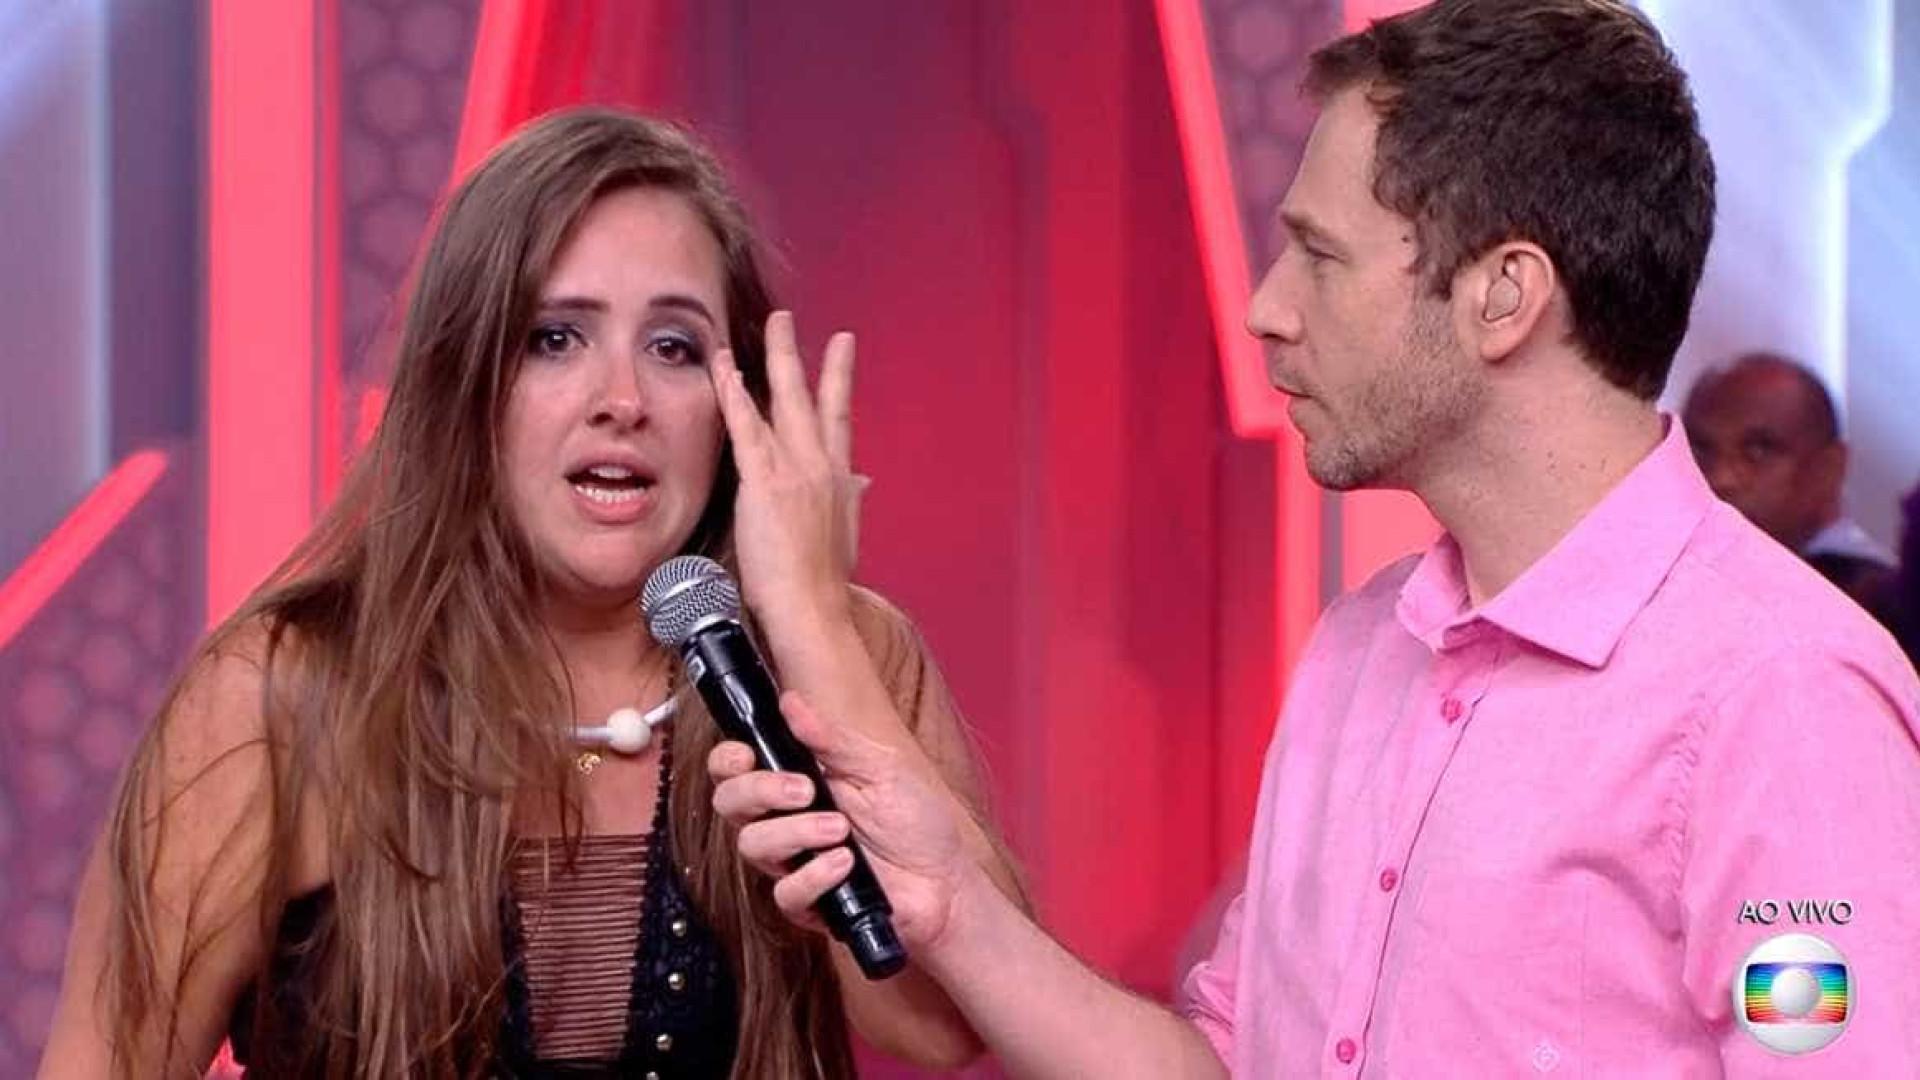 Eliminada com recorde de votos, Patrícia rebate críticas: 'Não julguem'